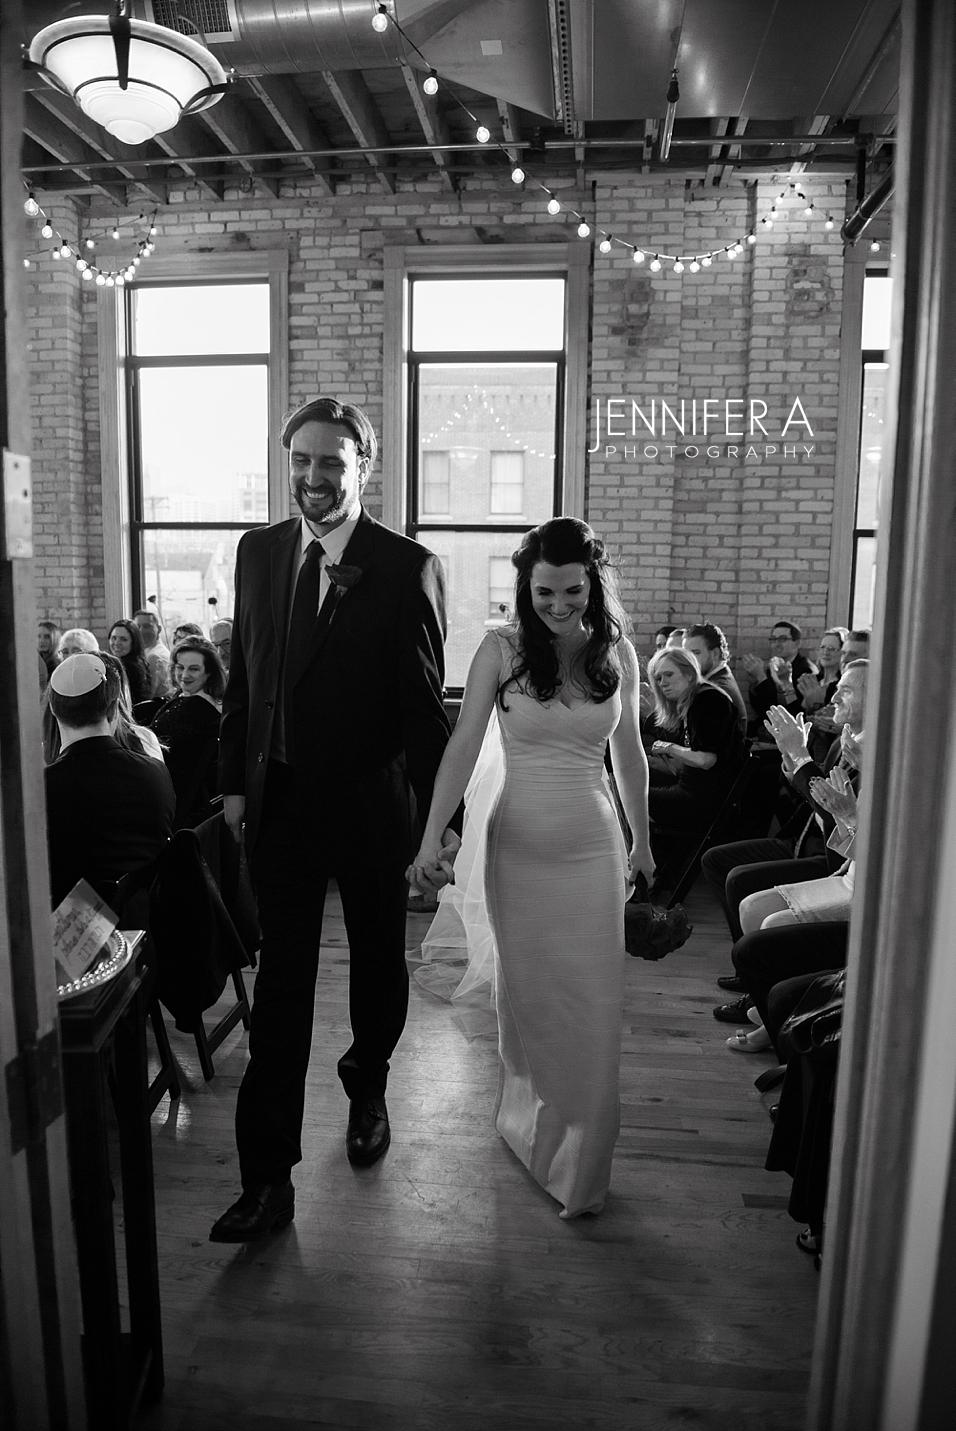 JenniferA Photography_walters-026